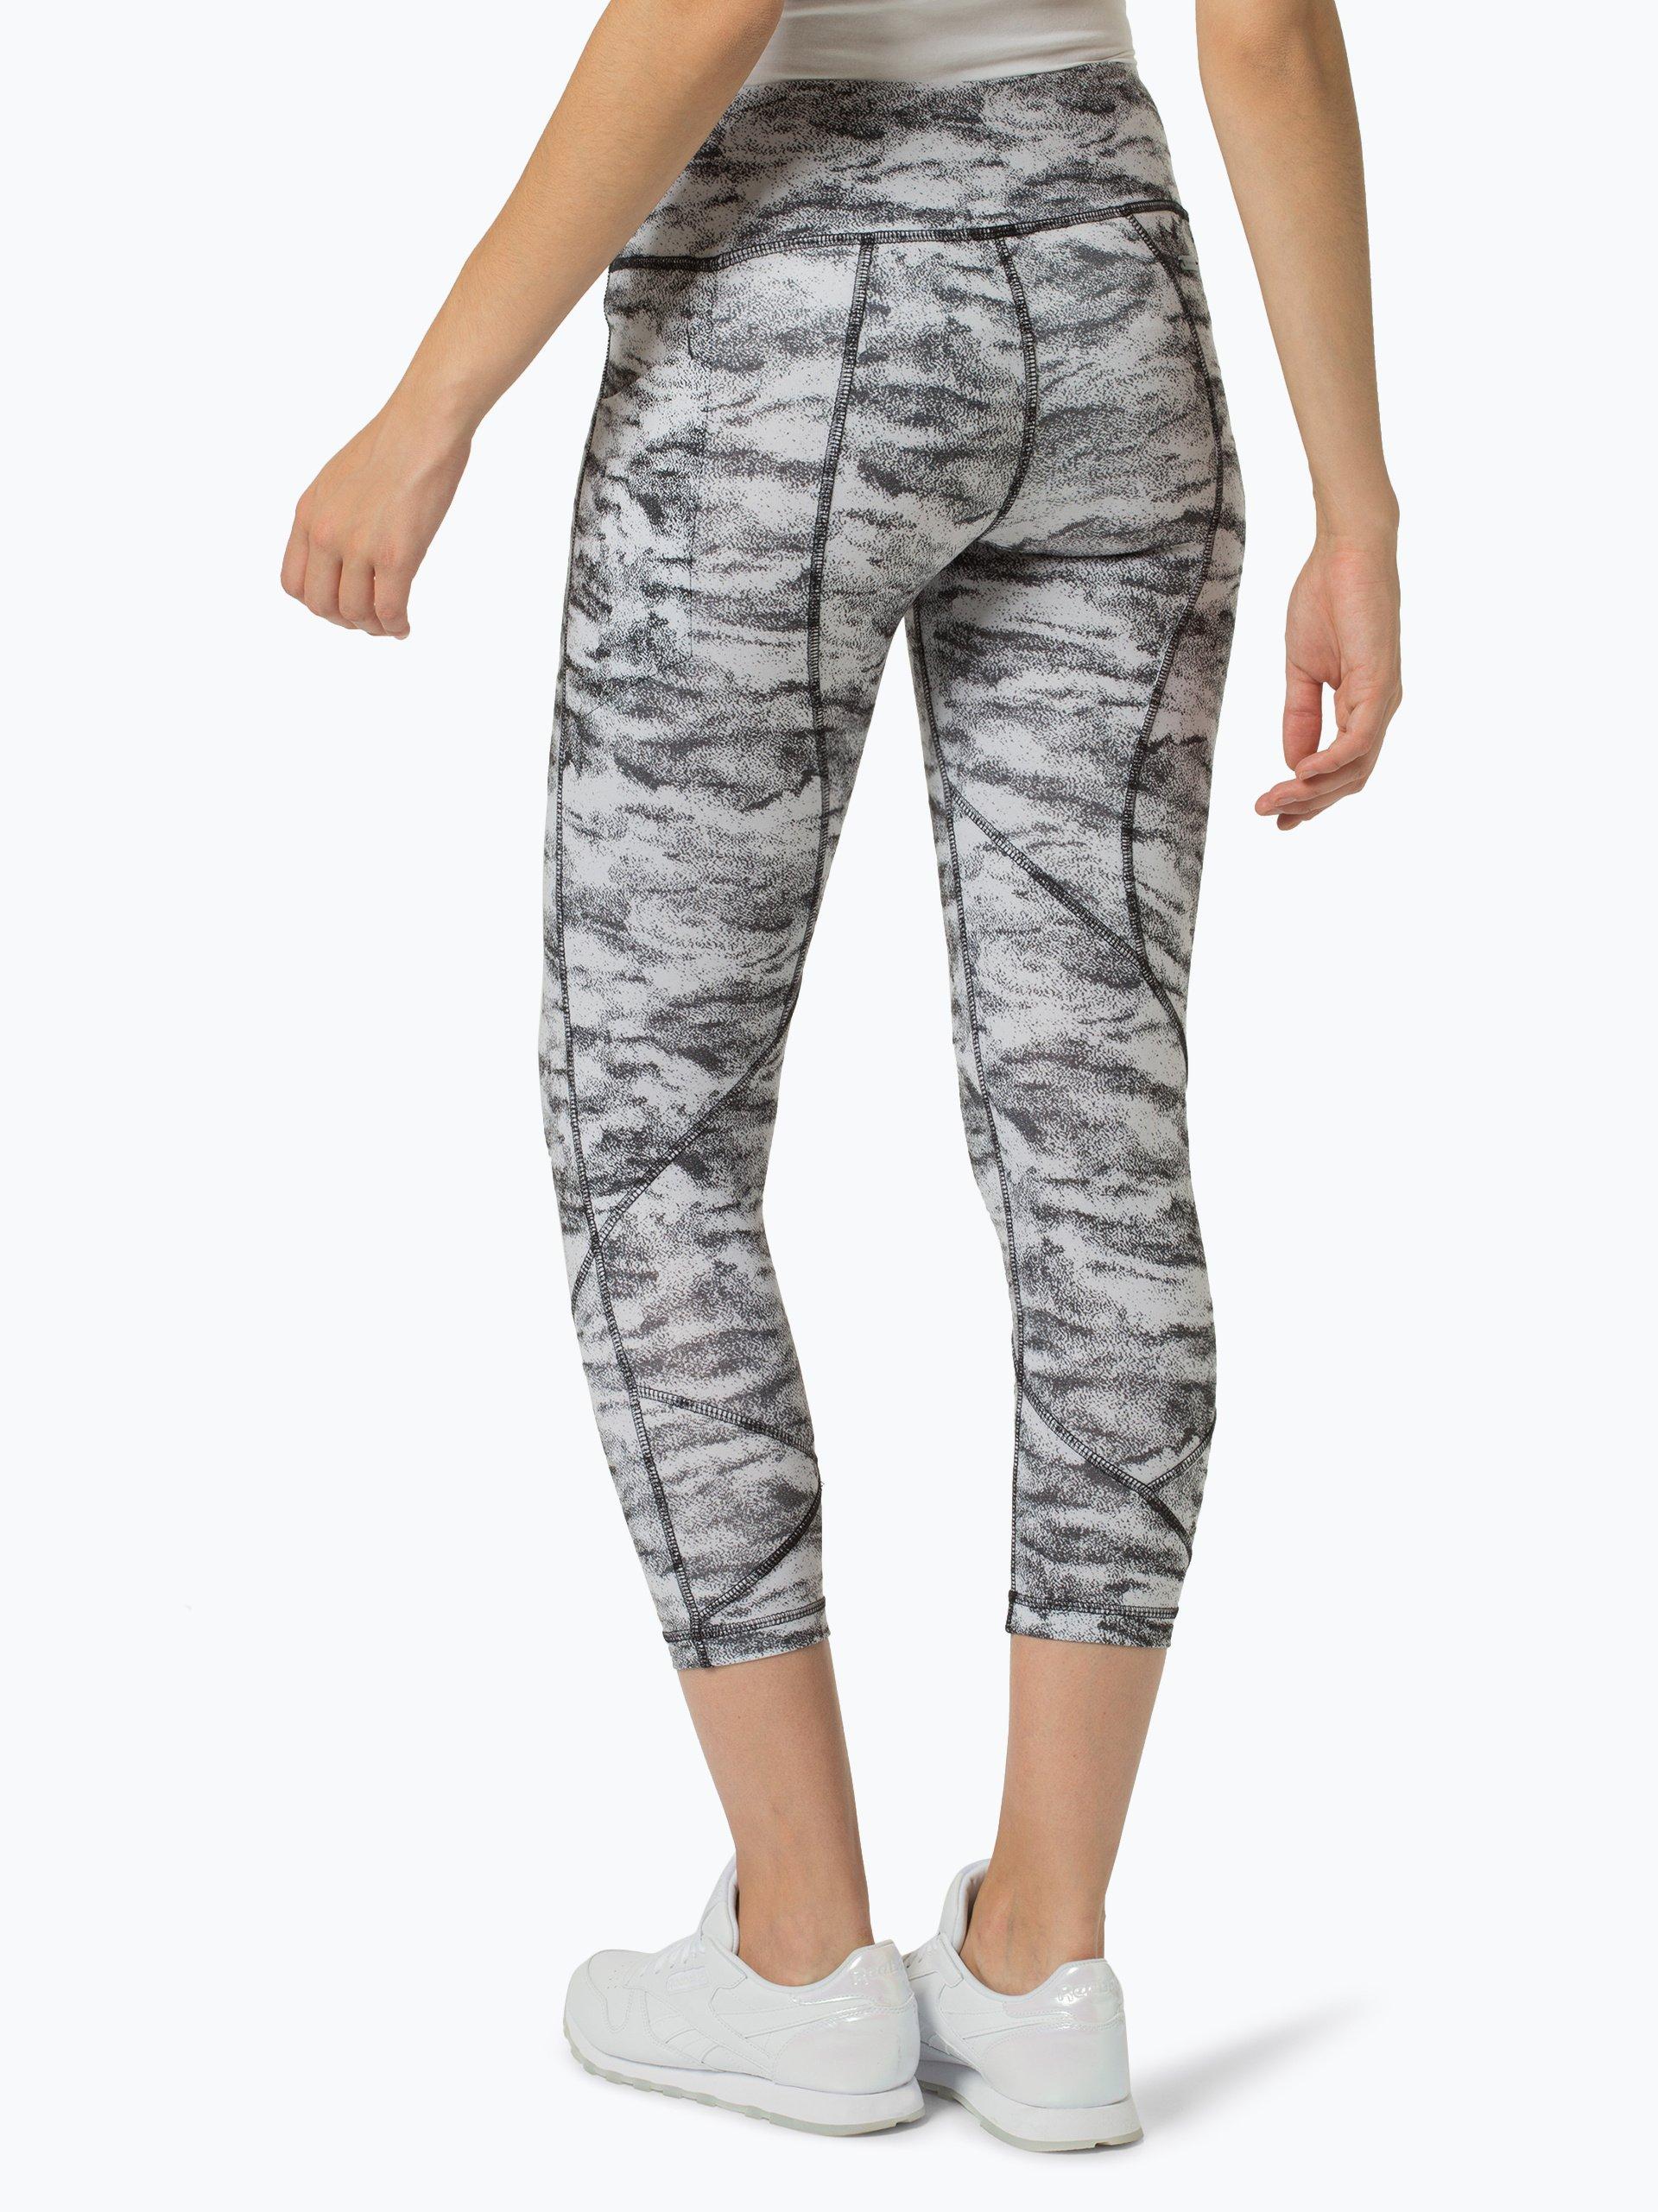 marie lund sport damen sportswear leggings grau gemustert online kaufen peek und cloppenburg de. Black Bedroom Furniture Sets. Home Design Ideas